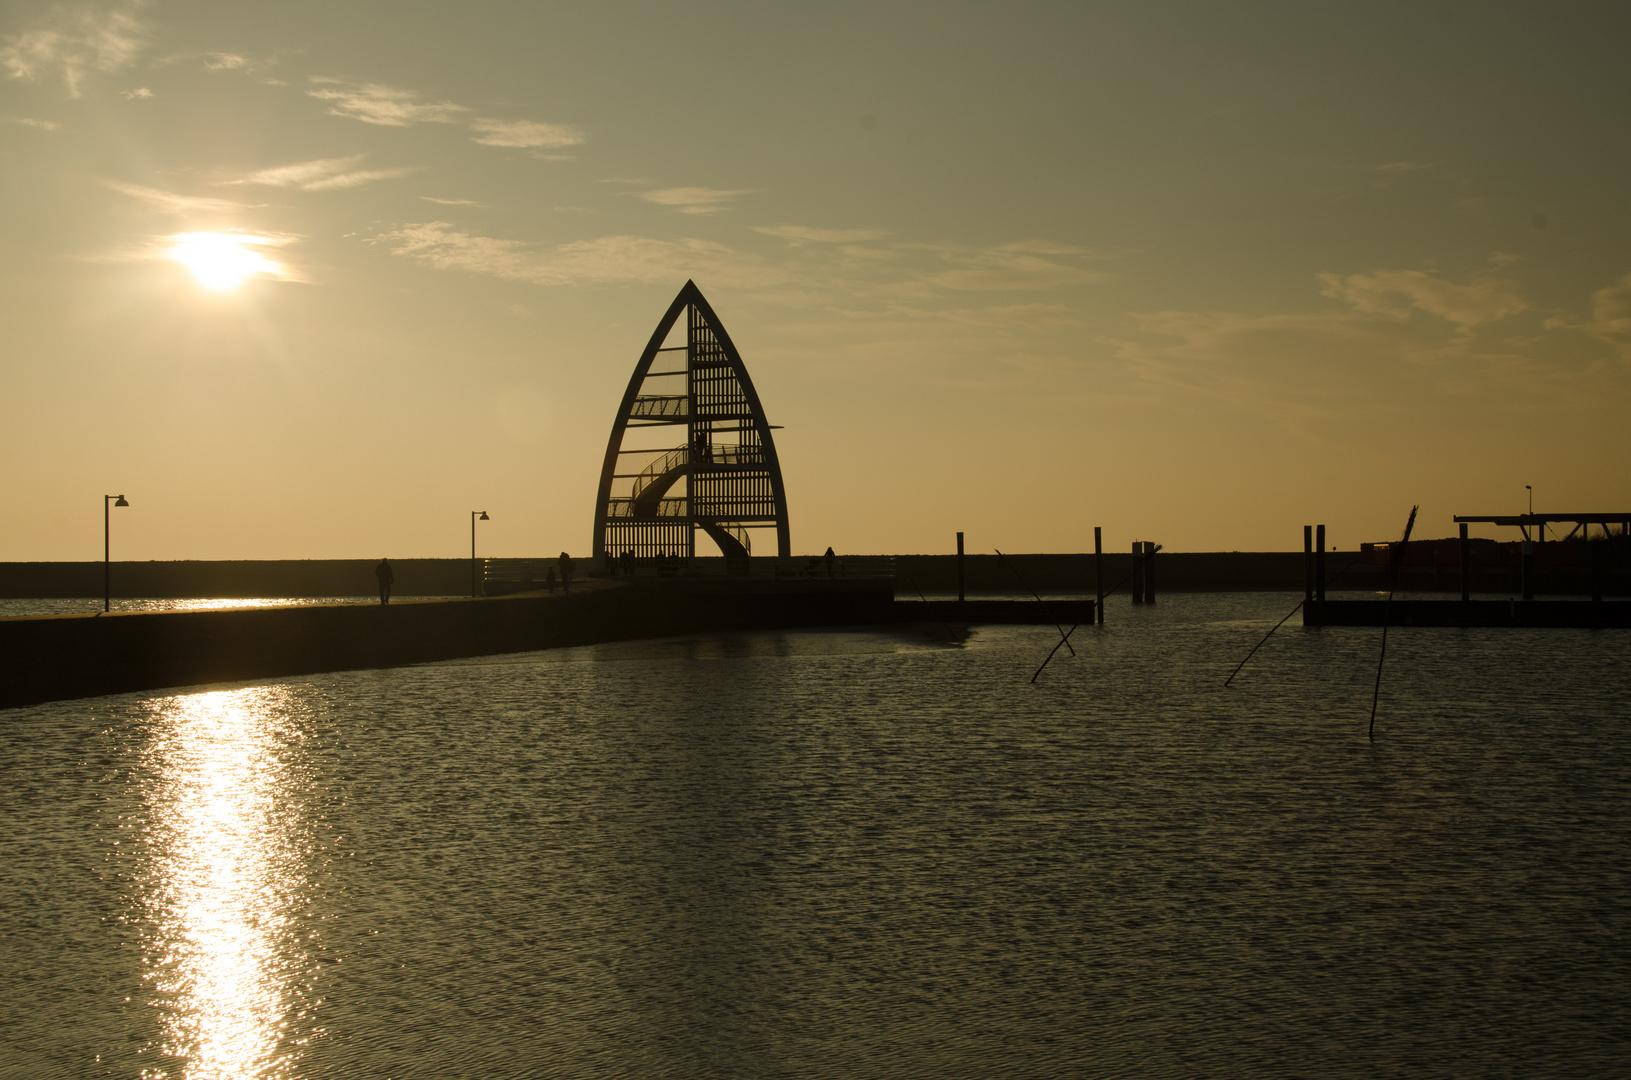 Juist Hafen